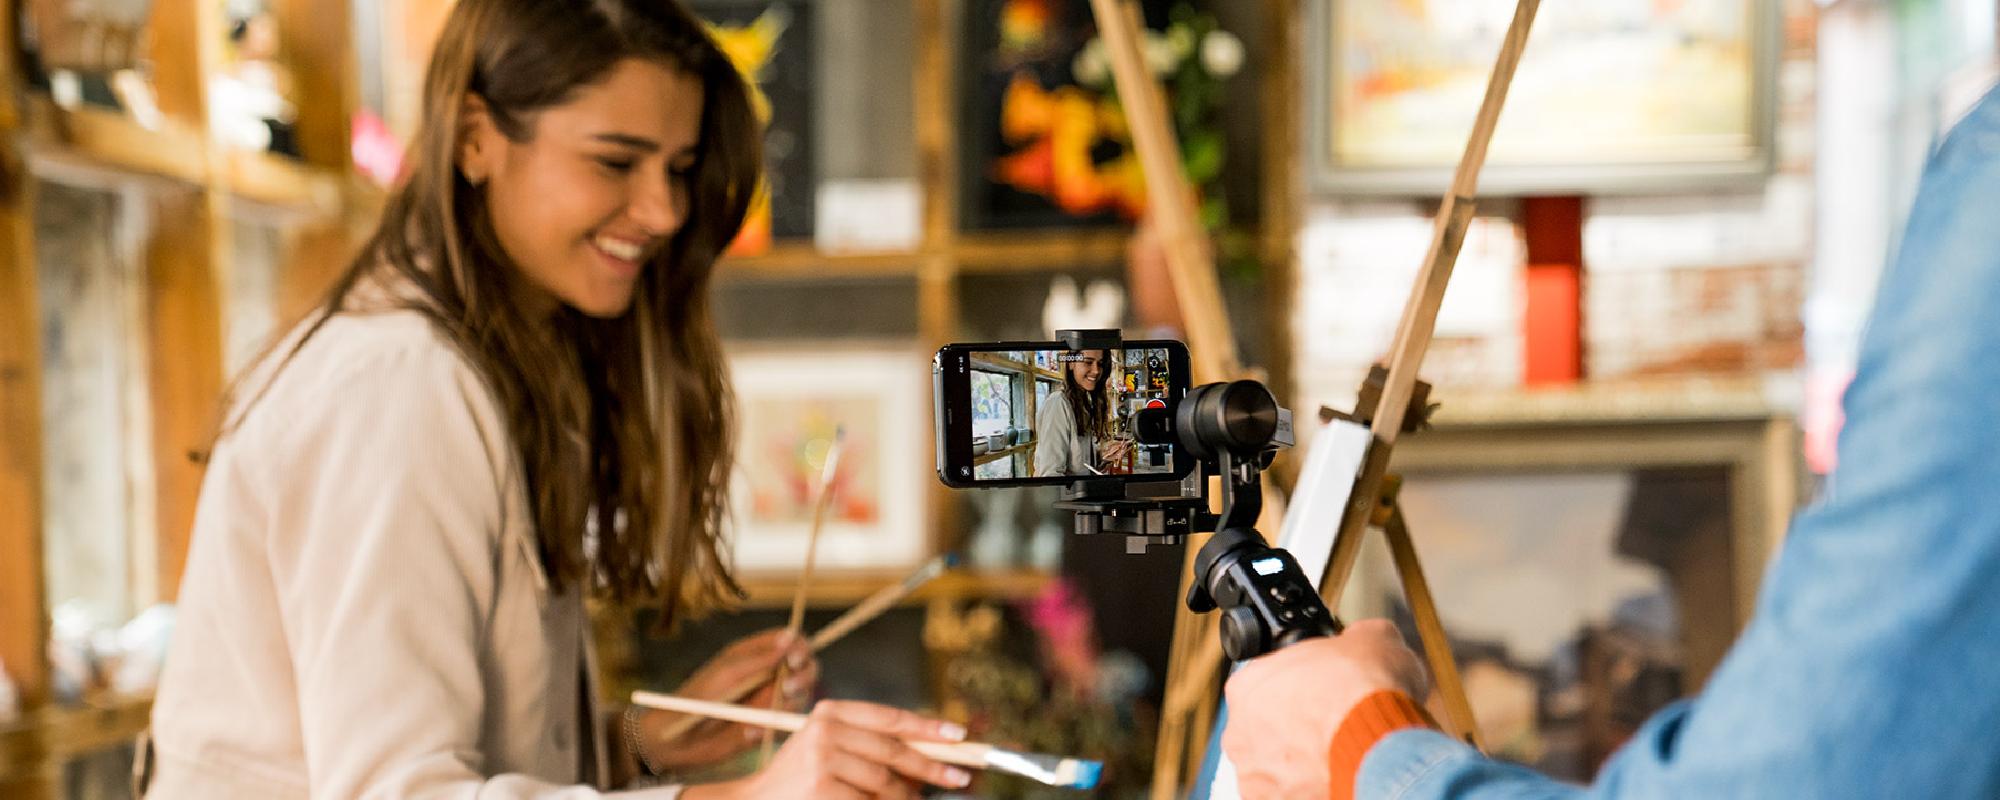 Dziewczyna maluje obraz będąc filmowana smartfonem na gimbalu FeiyuTech G6 Max